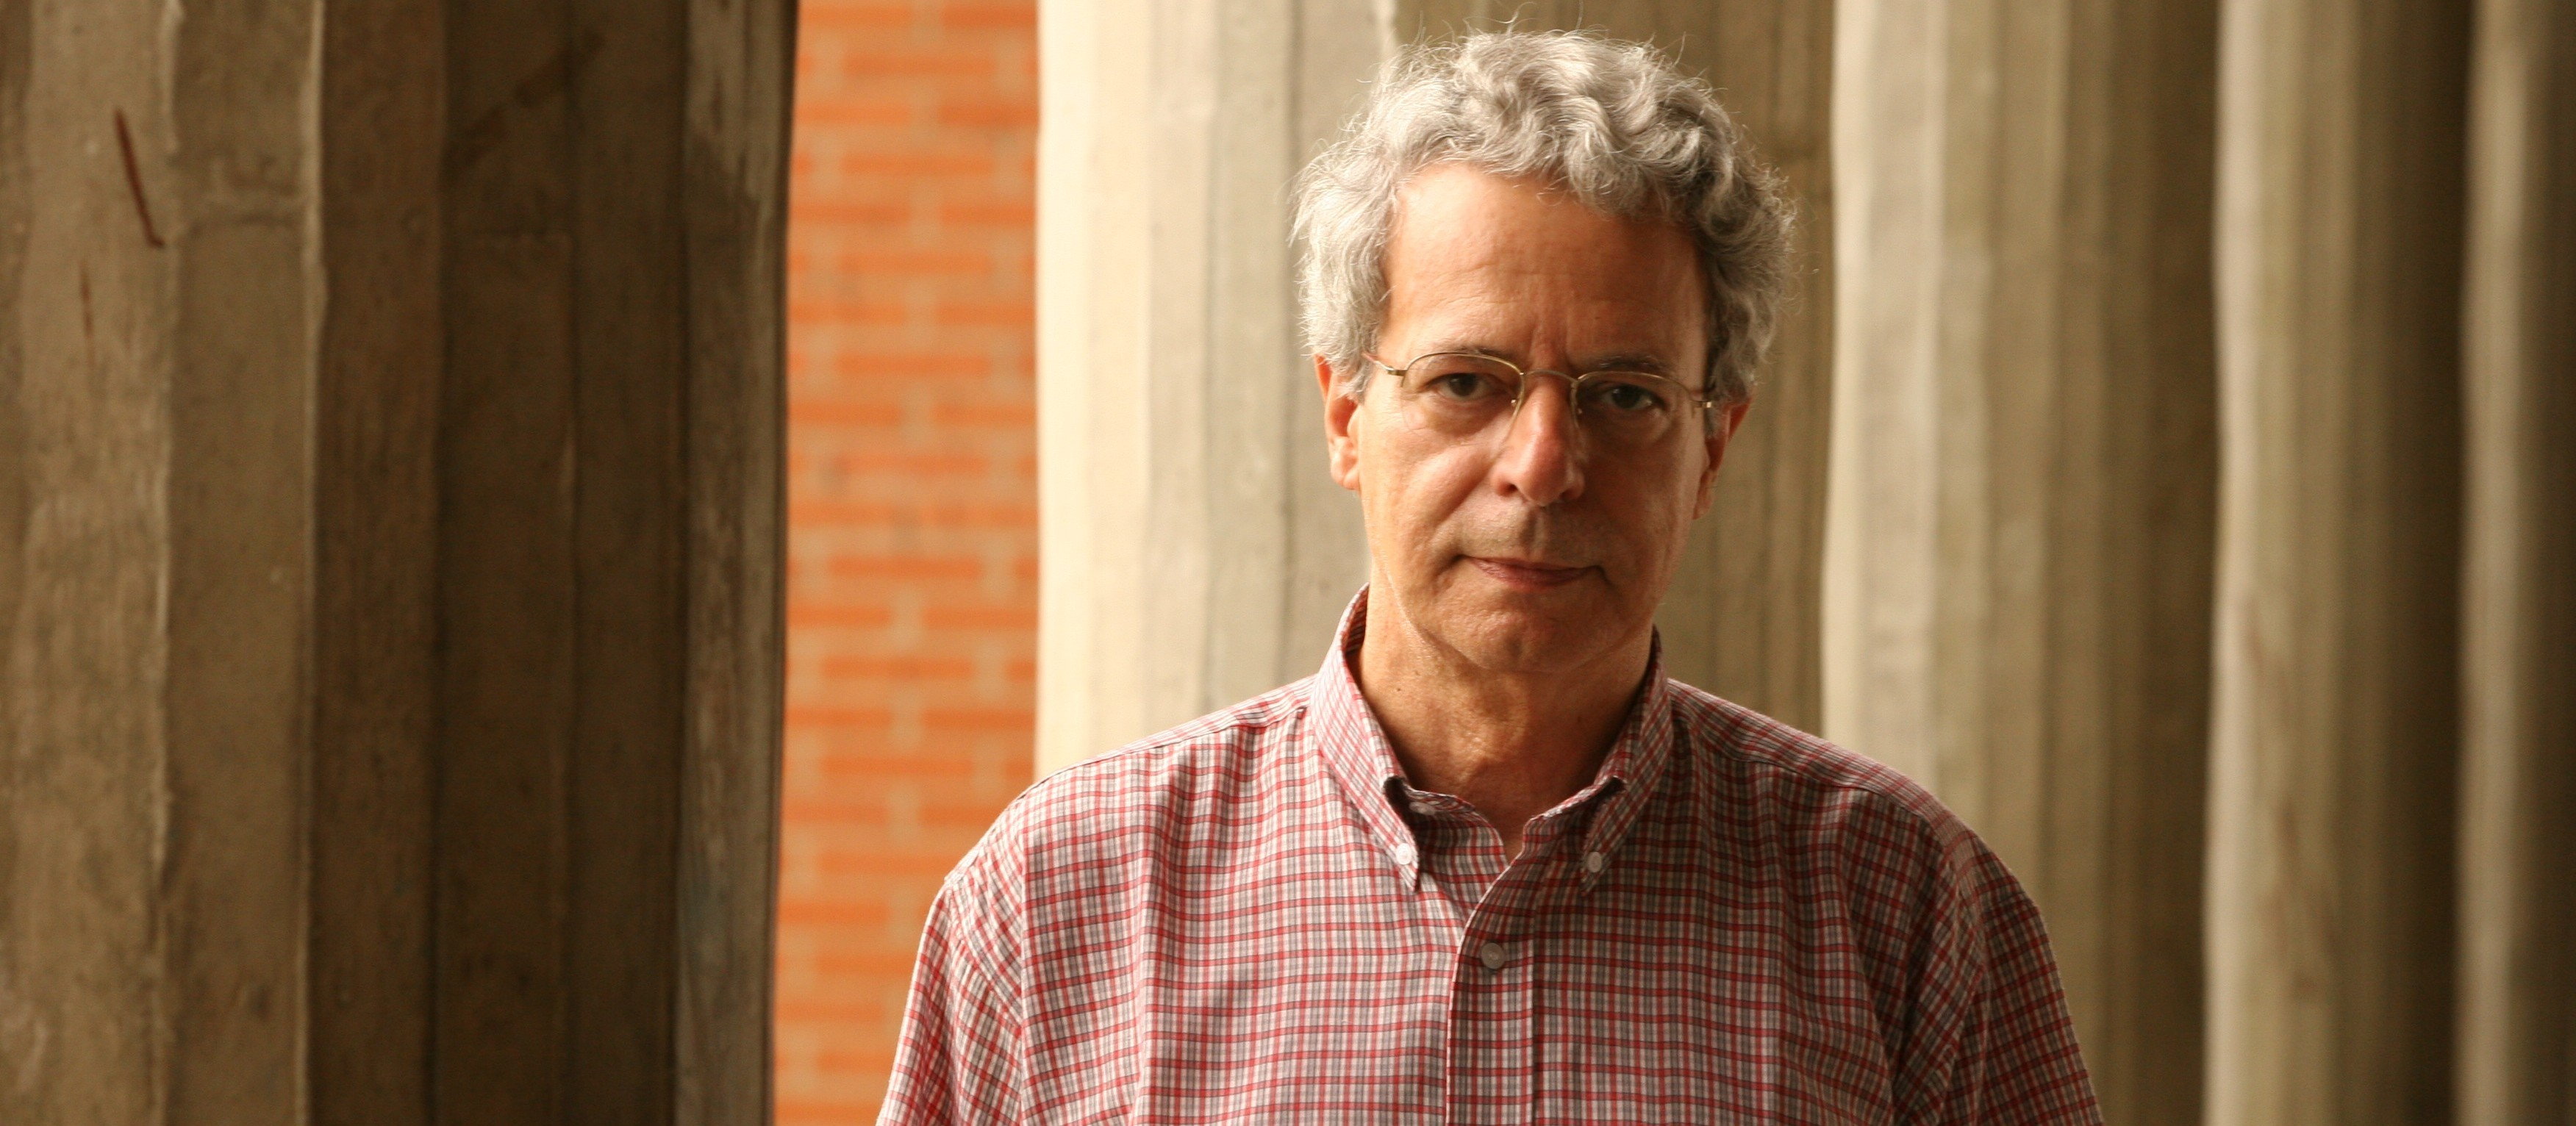 """Frei Betto: """"Deixemos o pessimismo para dias melhores"""""""